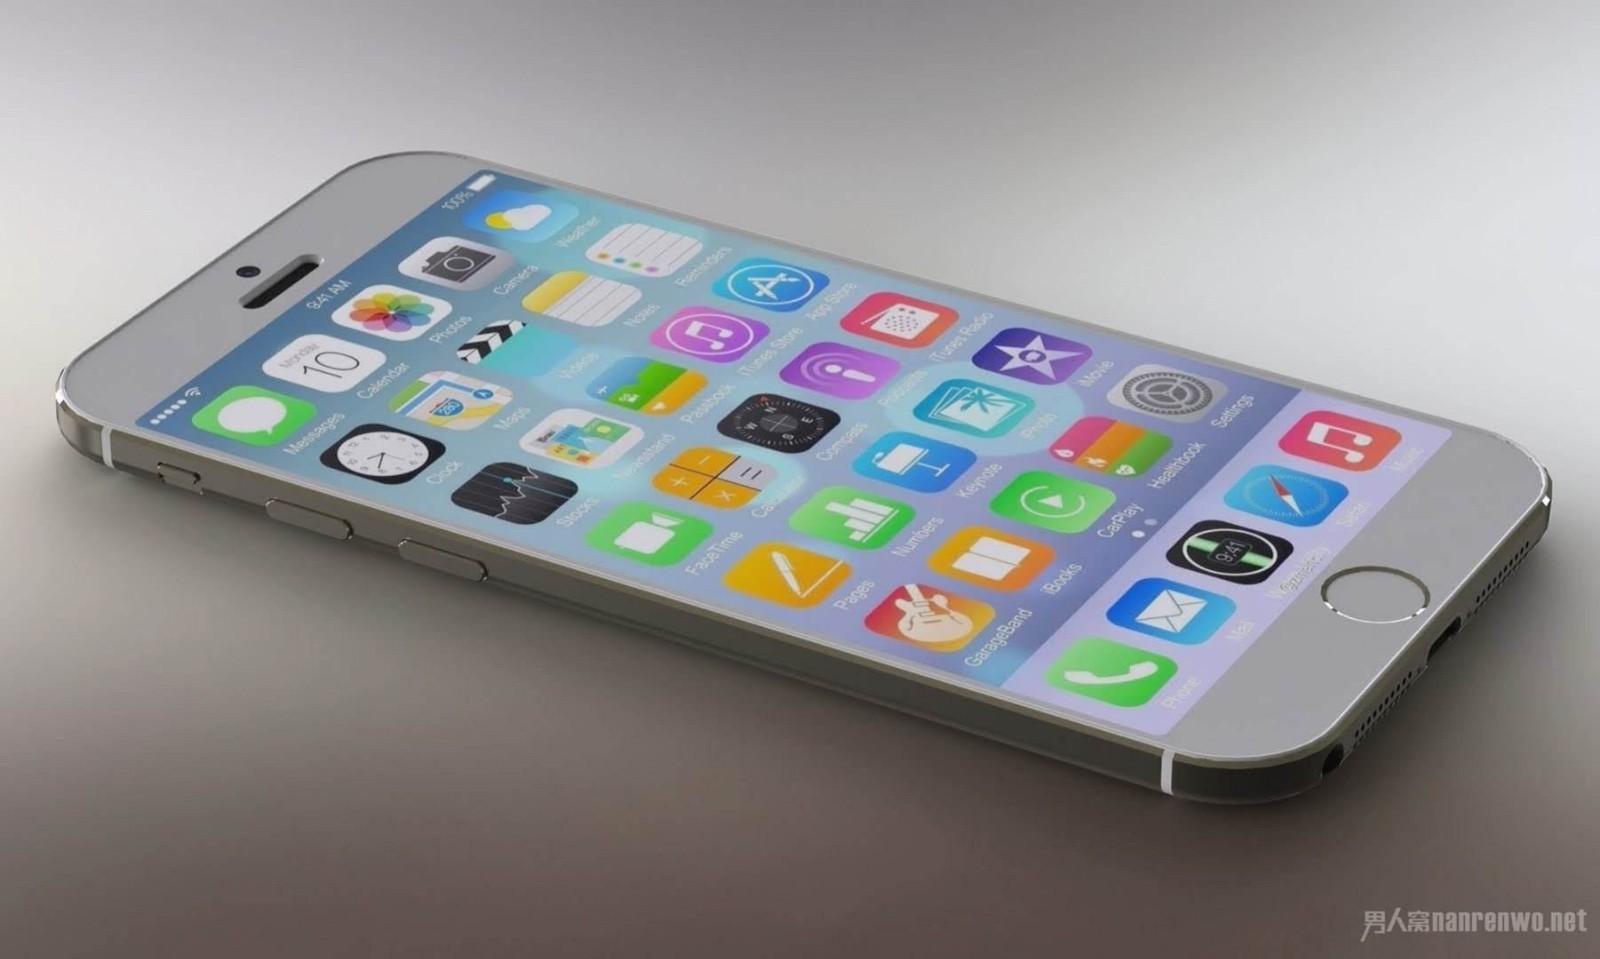 吐血推荐:iPhone最大的通话音量设置